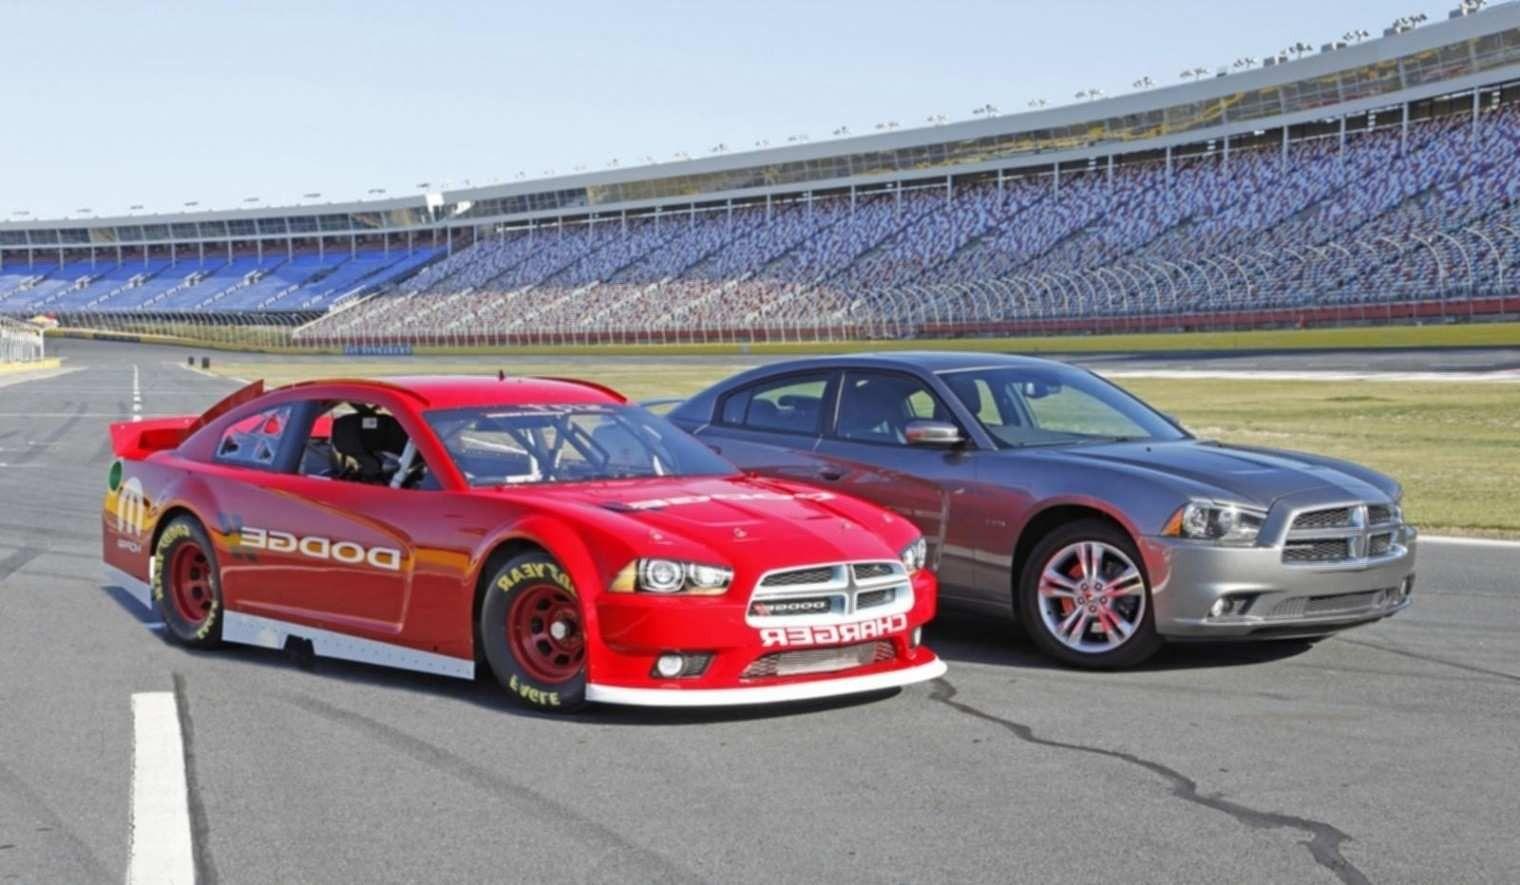 Dodge Nascar 2020 New Release in 2020 Dodge, Nascar